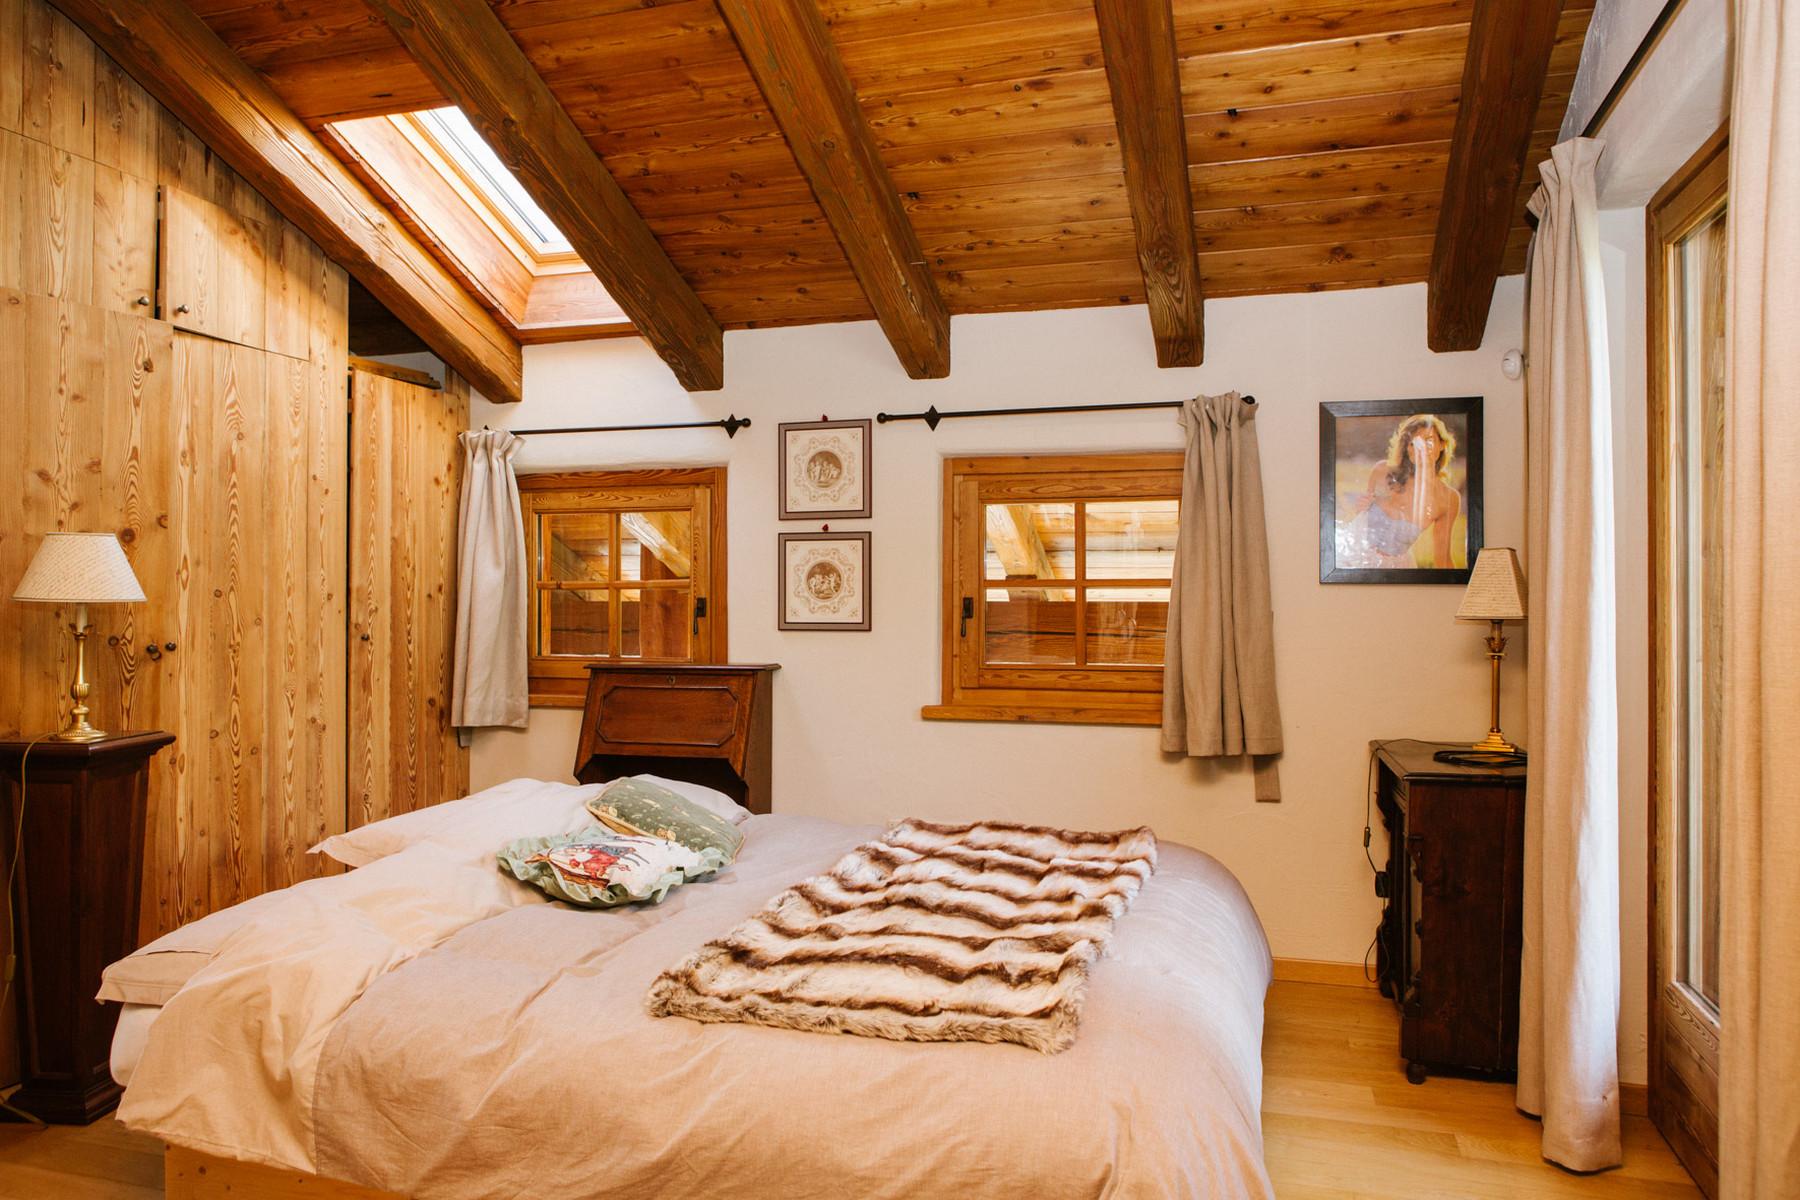 Villa in Vendita a Pre'-Saint-Didier: 5 locali, 350 mq - Foto 7